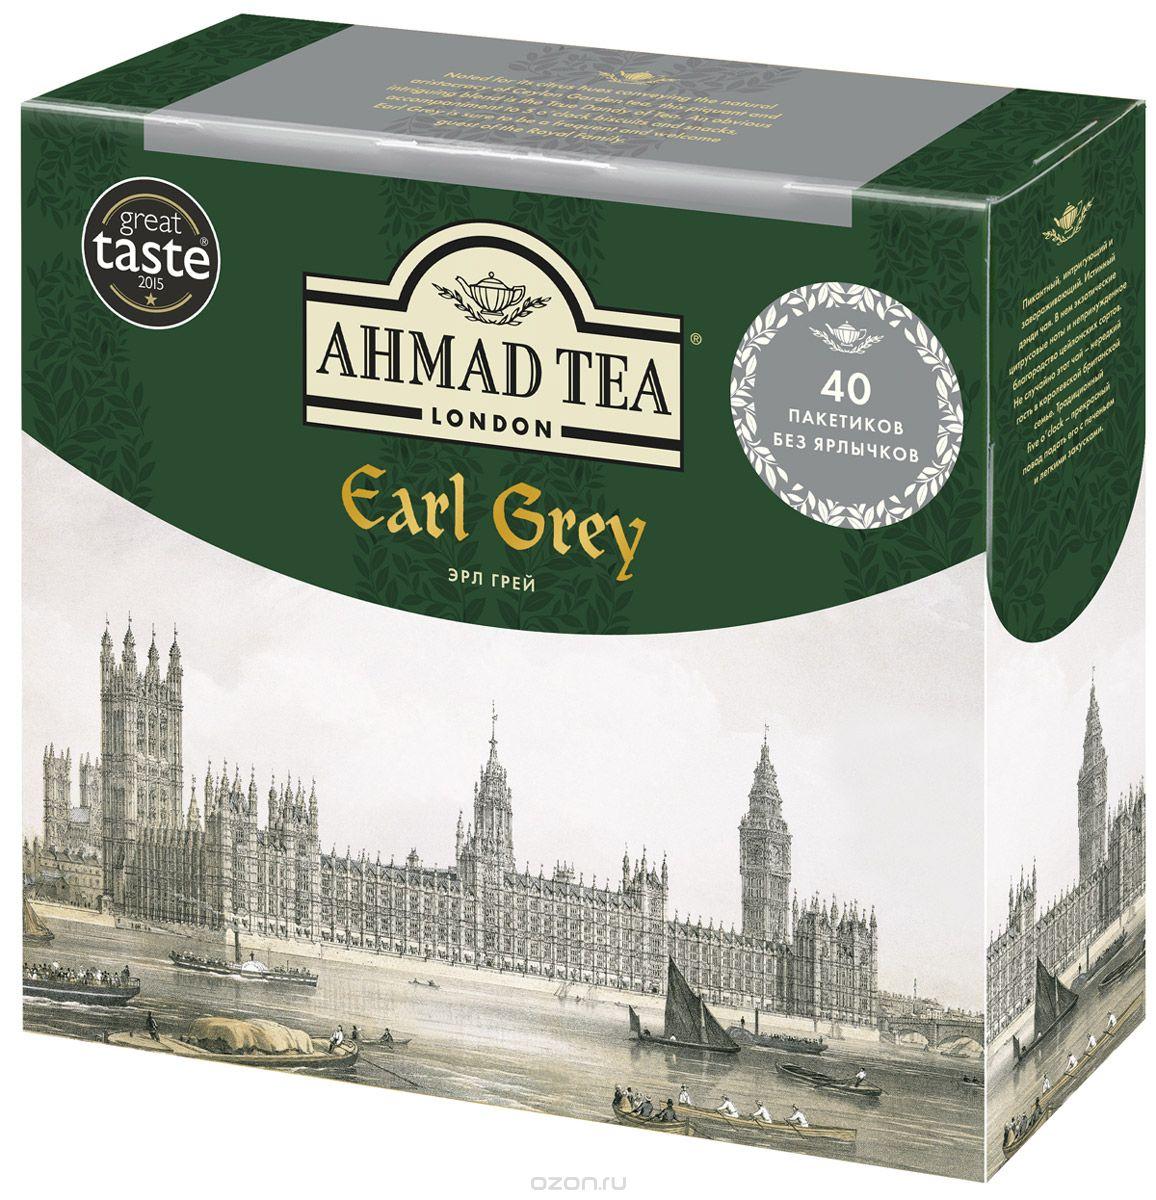 Ahmad Tea Earl Grey черный чай в пакетиках без ярлычков, 40 шт682Ahmad Tea Earl Grey - это изысканное сочетание чая высшего качества и волшебного аромата бергамота в совершенном исполнении. Этот ароматный напиток раскроет вам секрет семейного благополучия. Уважаемые клиенты! Обращаем ваше внимание на то, что упаковка может иметь несколько видов дизайна. Поставка осуществляется в зависимости от наличия на складе.